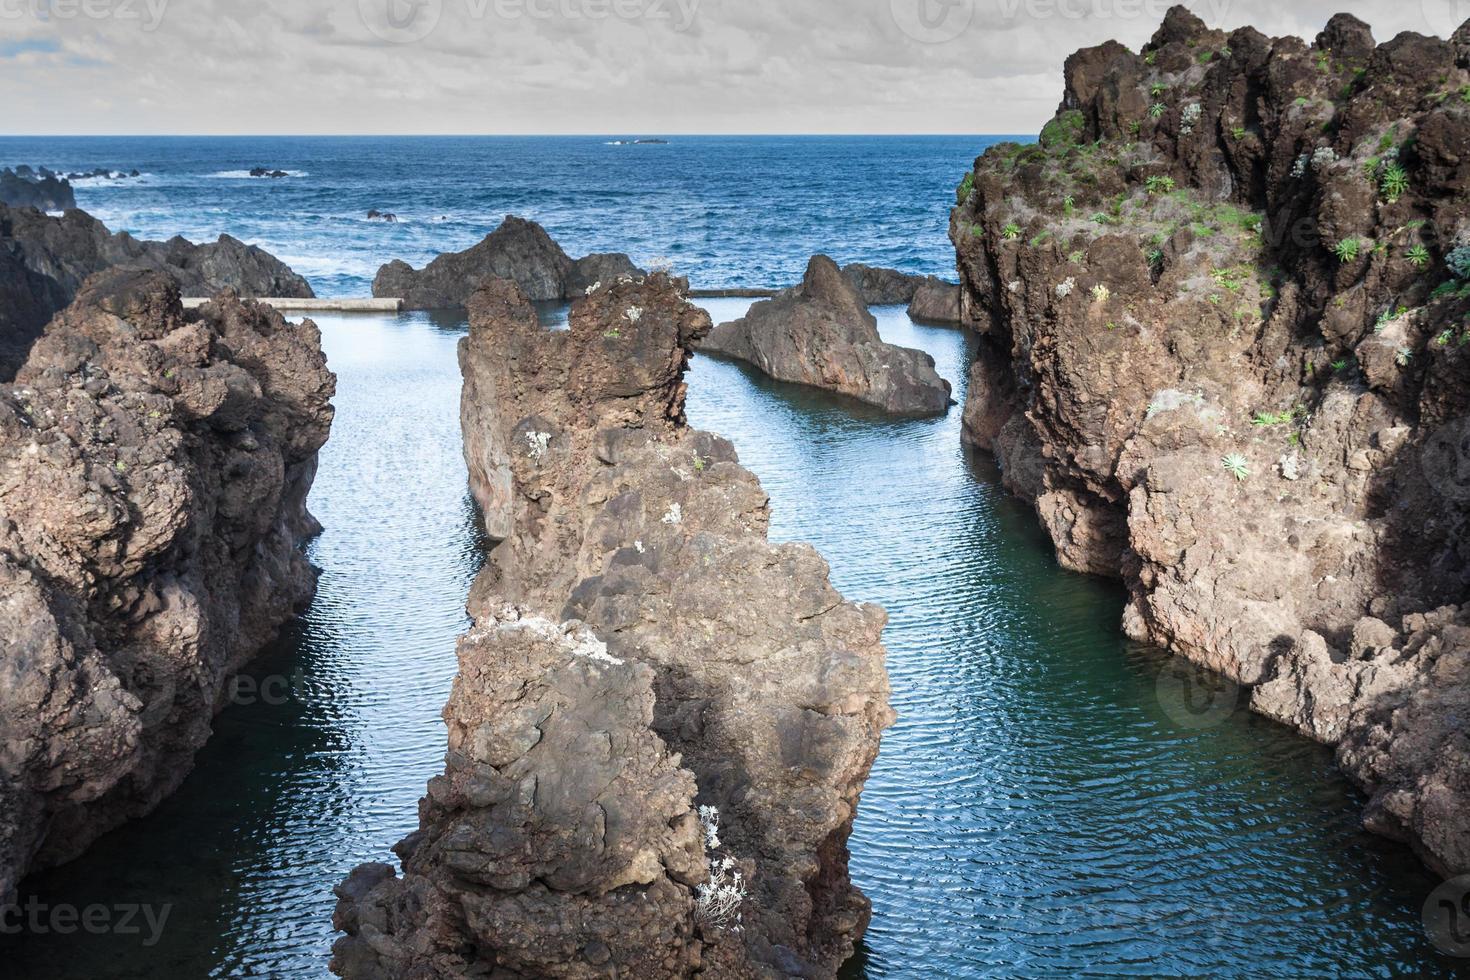 Blick auf die schönen Berge und den Ozean der Insel Madeira, Portugal. foto